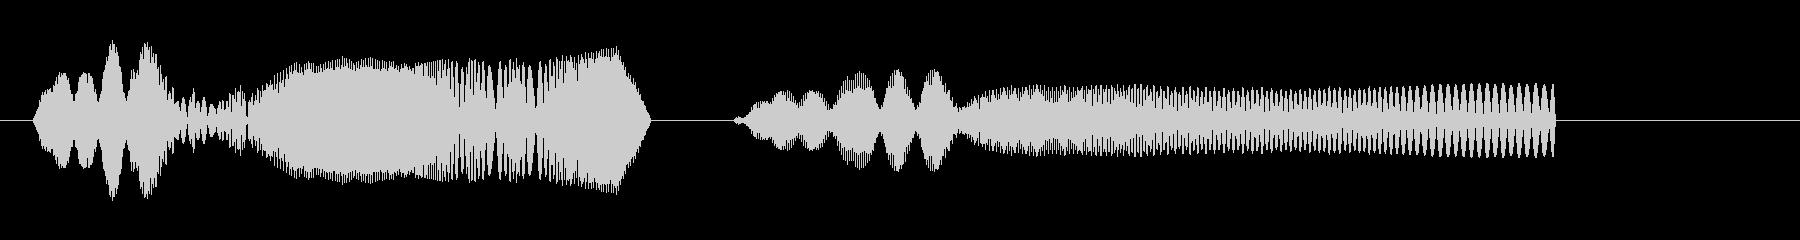 ニュッと何かを取り出す(可愛く)の未再生の波形